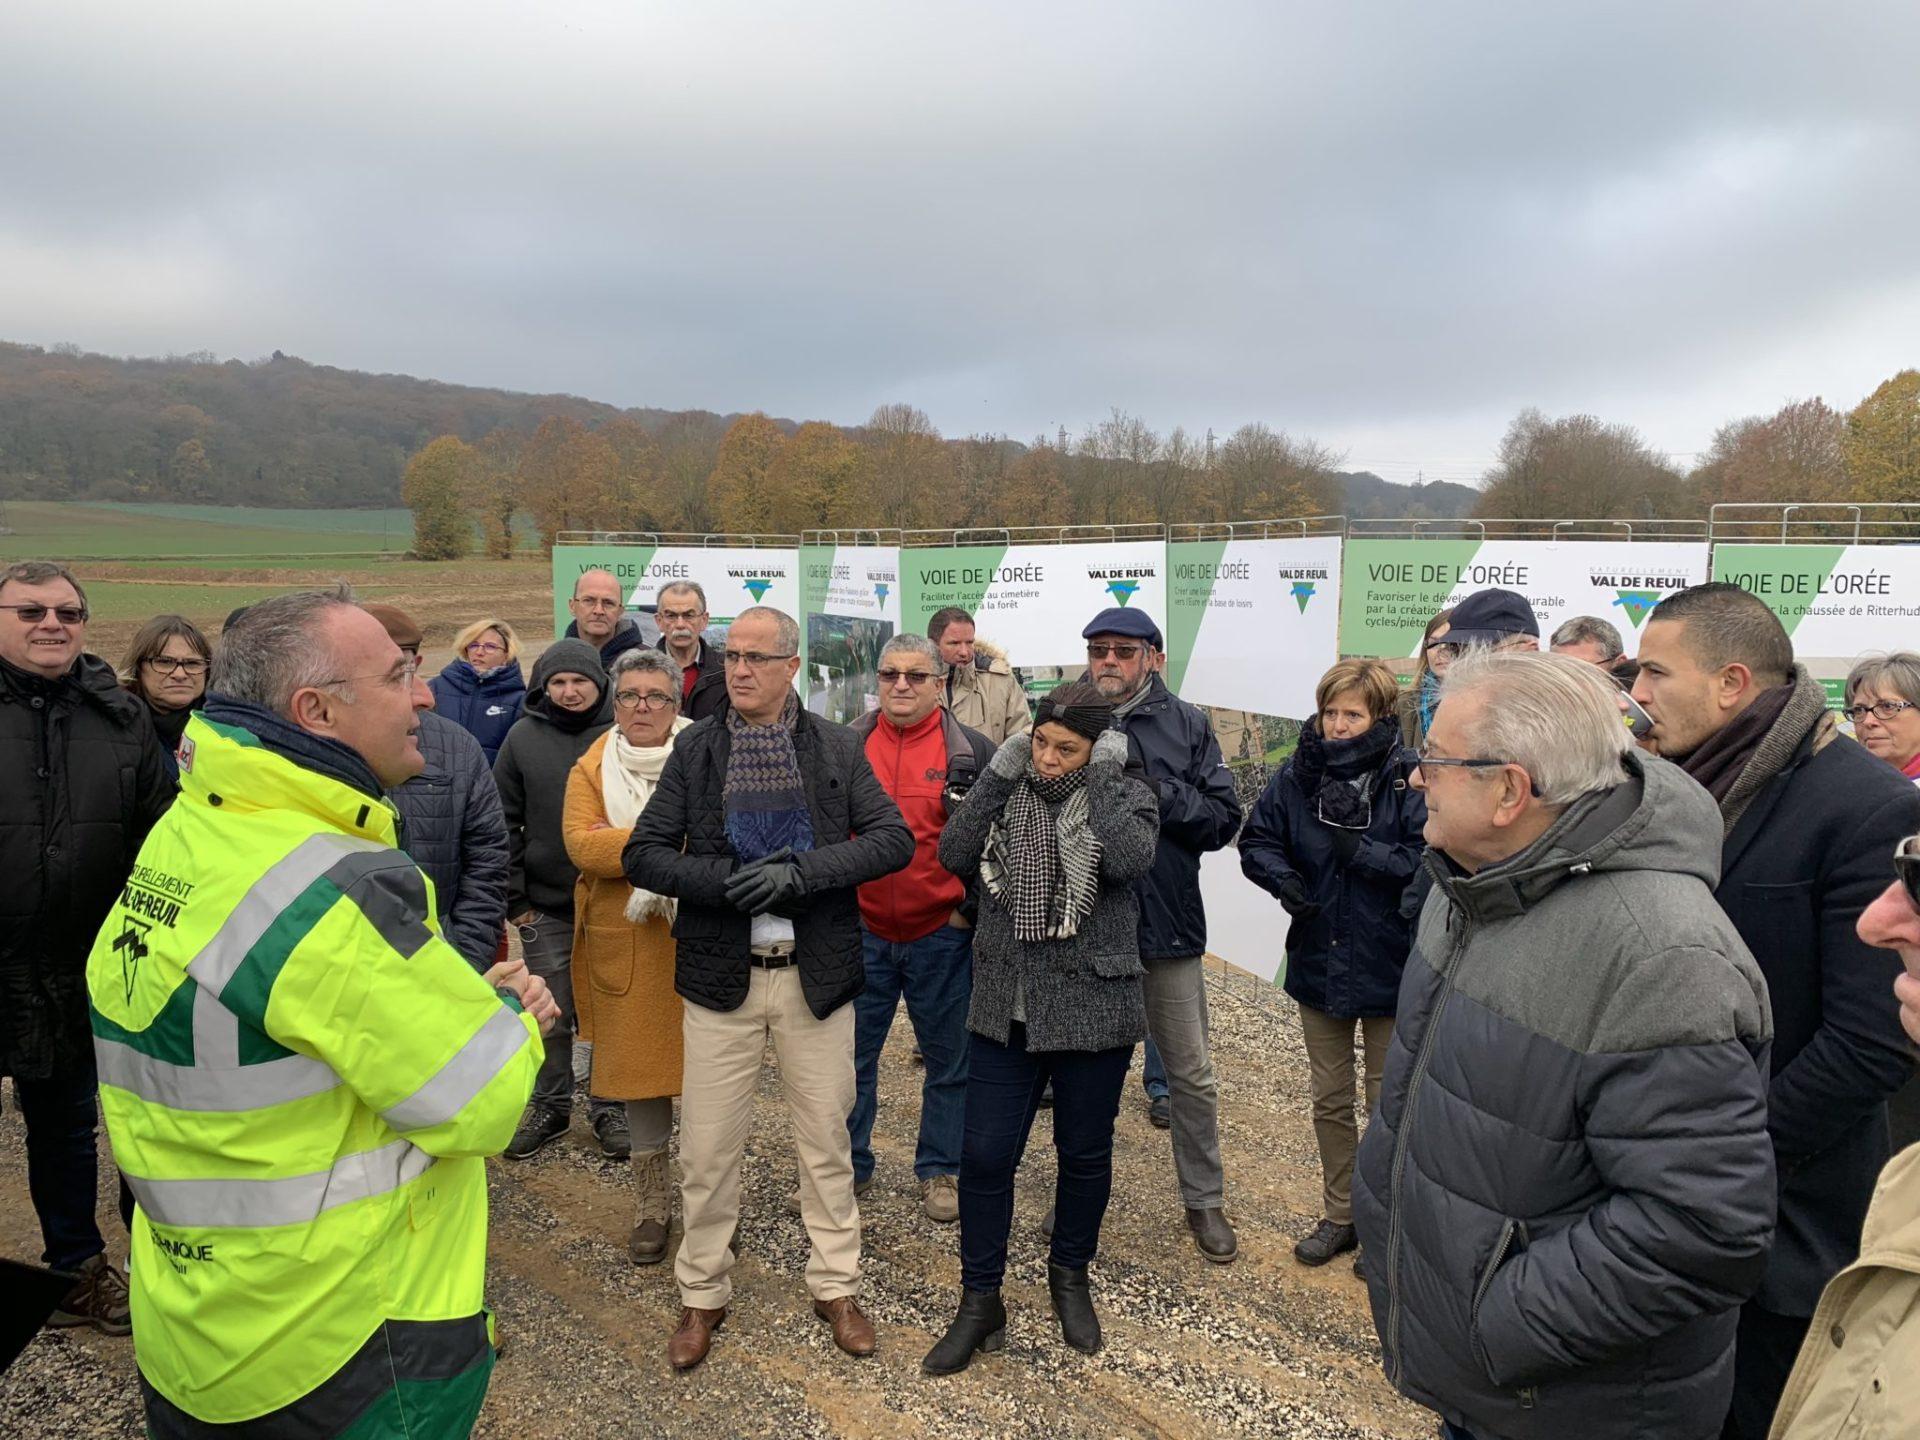 Une cinquantaine d'habitants sont venus à la rencontre de Marc-Antoine Jamet samedi matin sur le chantier de la voie de l'Orée